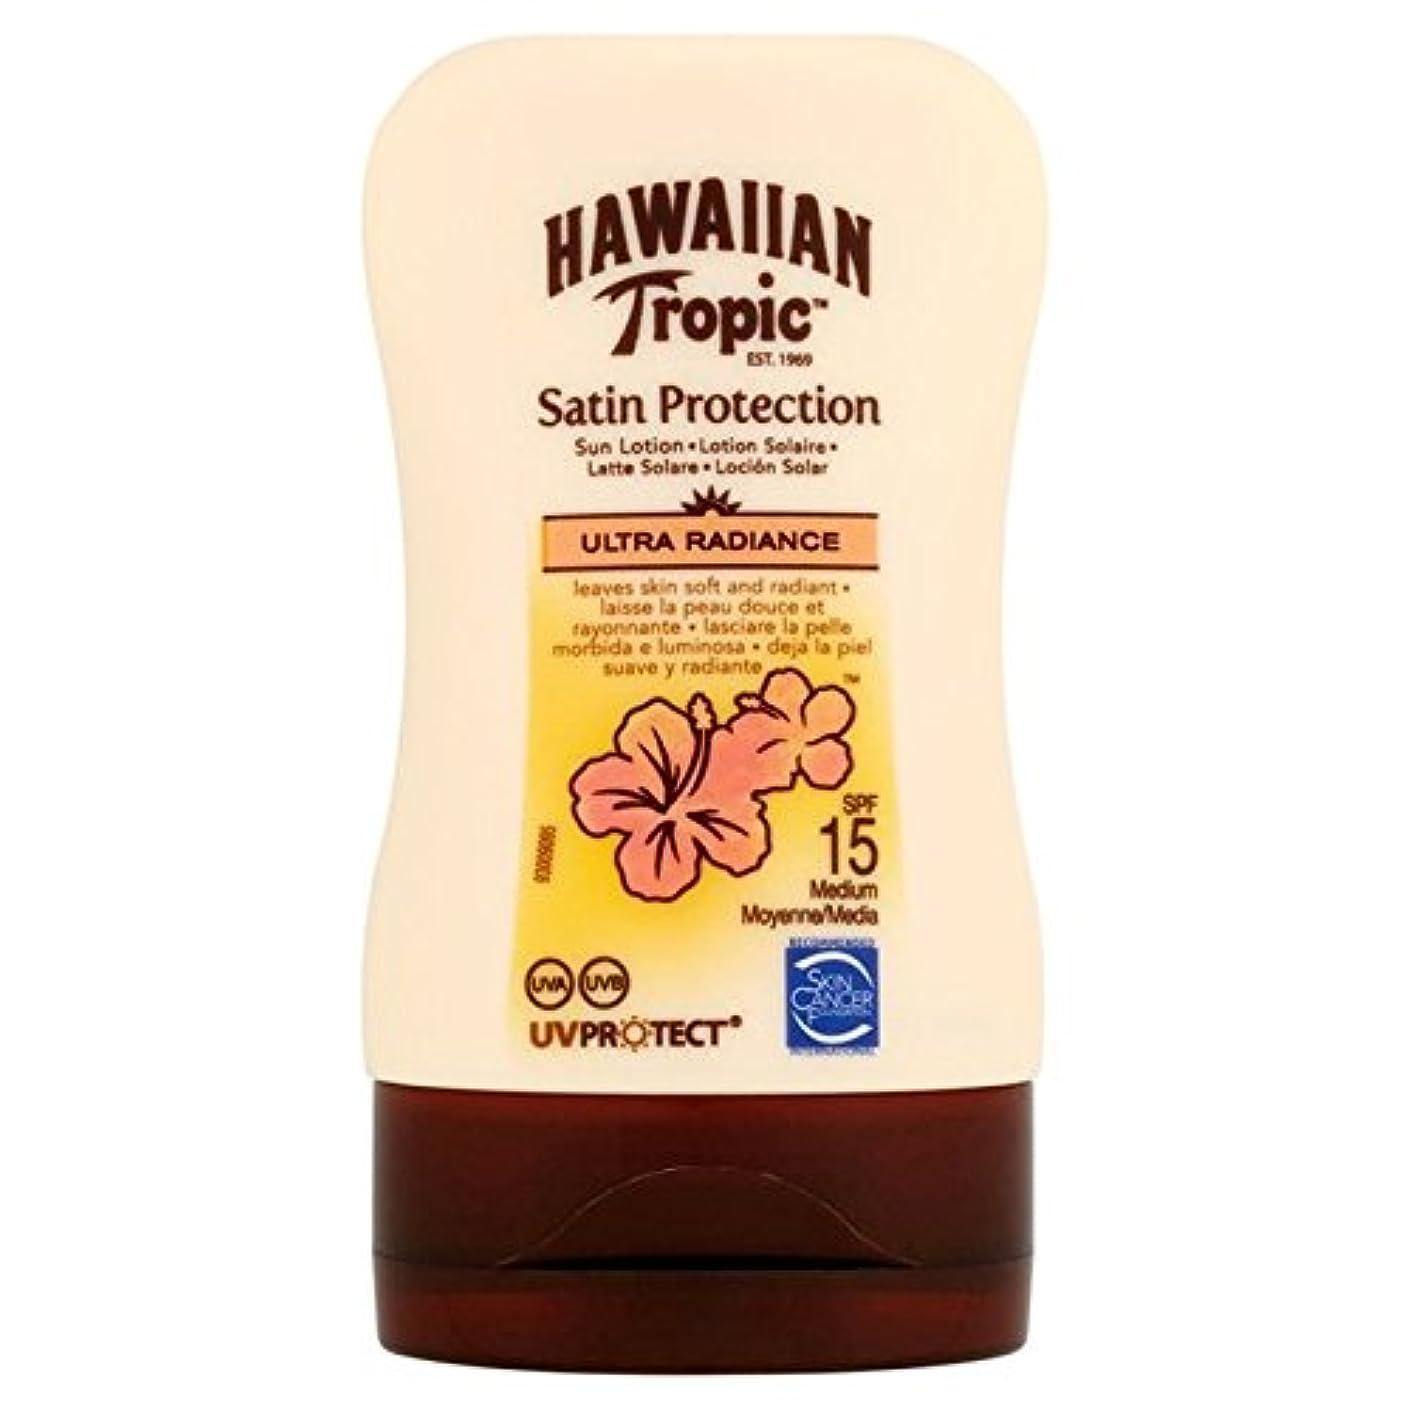 セージ心理学ライバルHawaiian Tropic Protective Lotion SPF15 Ultra Radiance 100ml - 南国ハワイの保護ローション15超放射輝度100ミリリットル [並行輸入品]